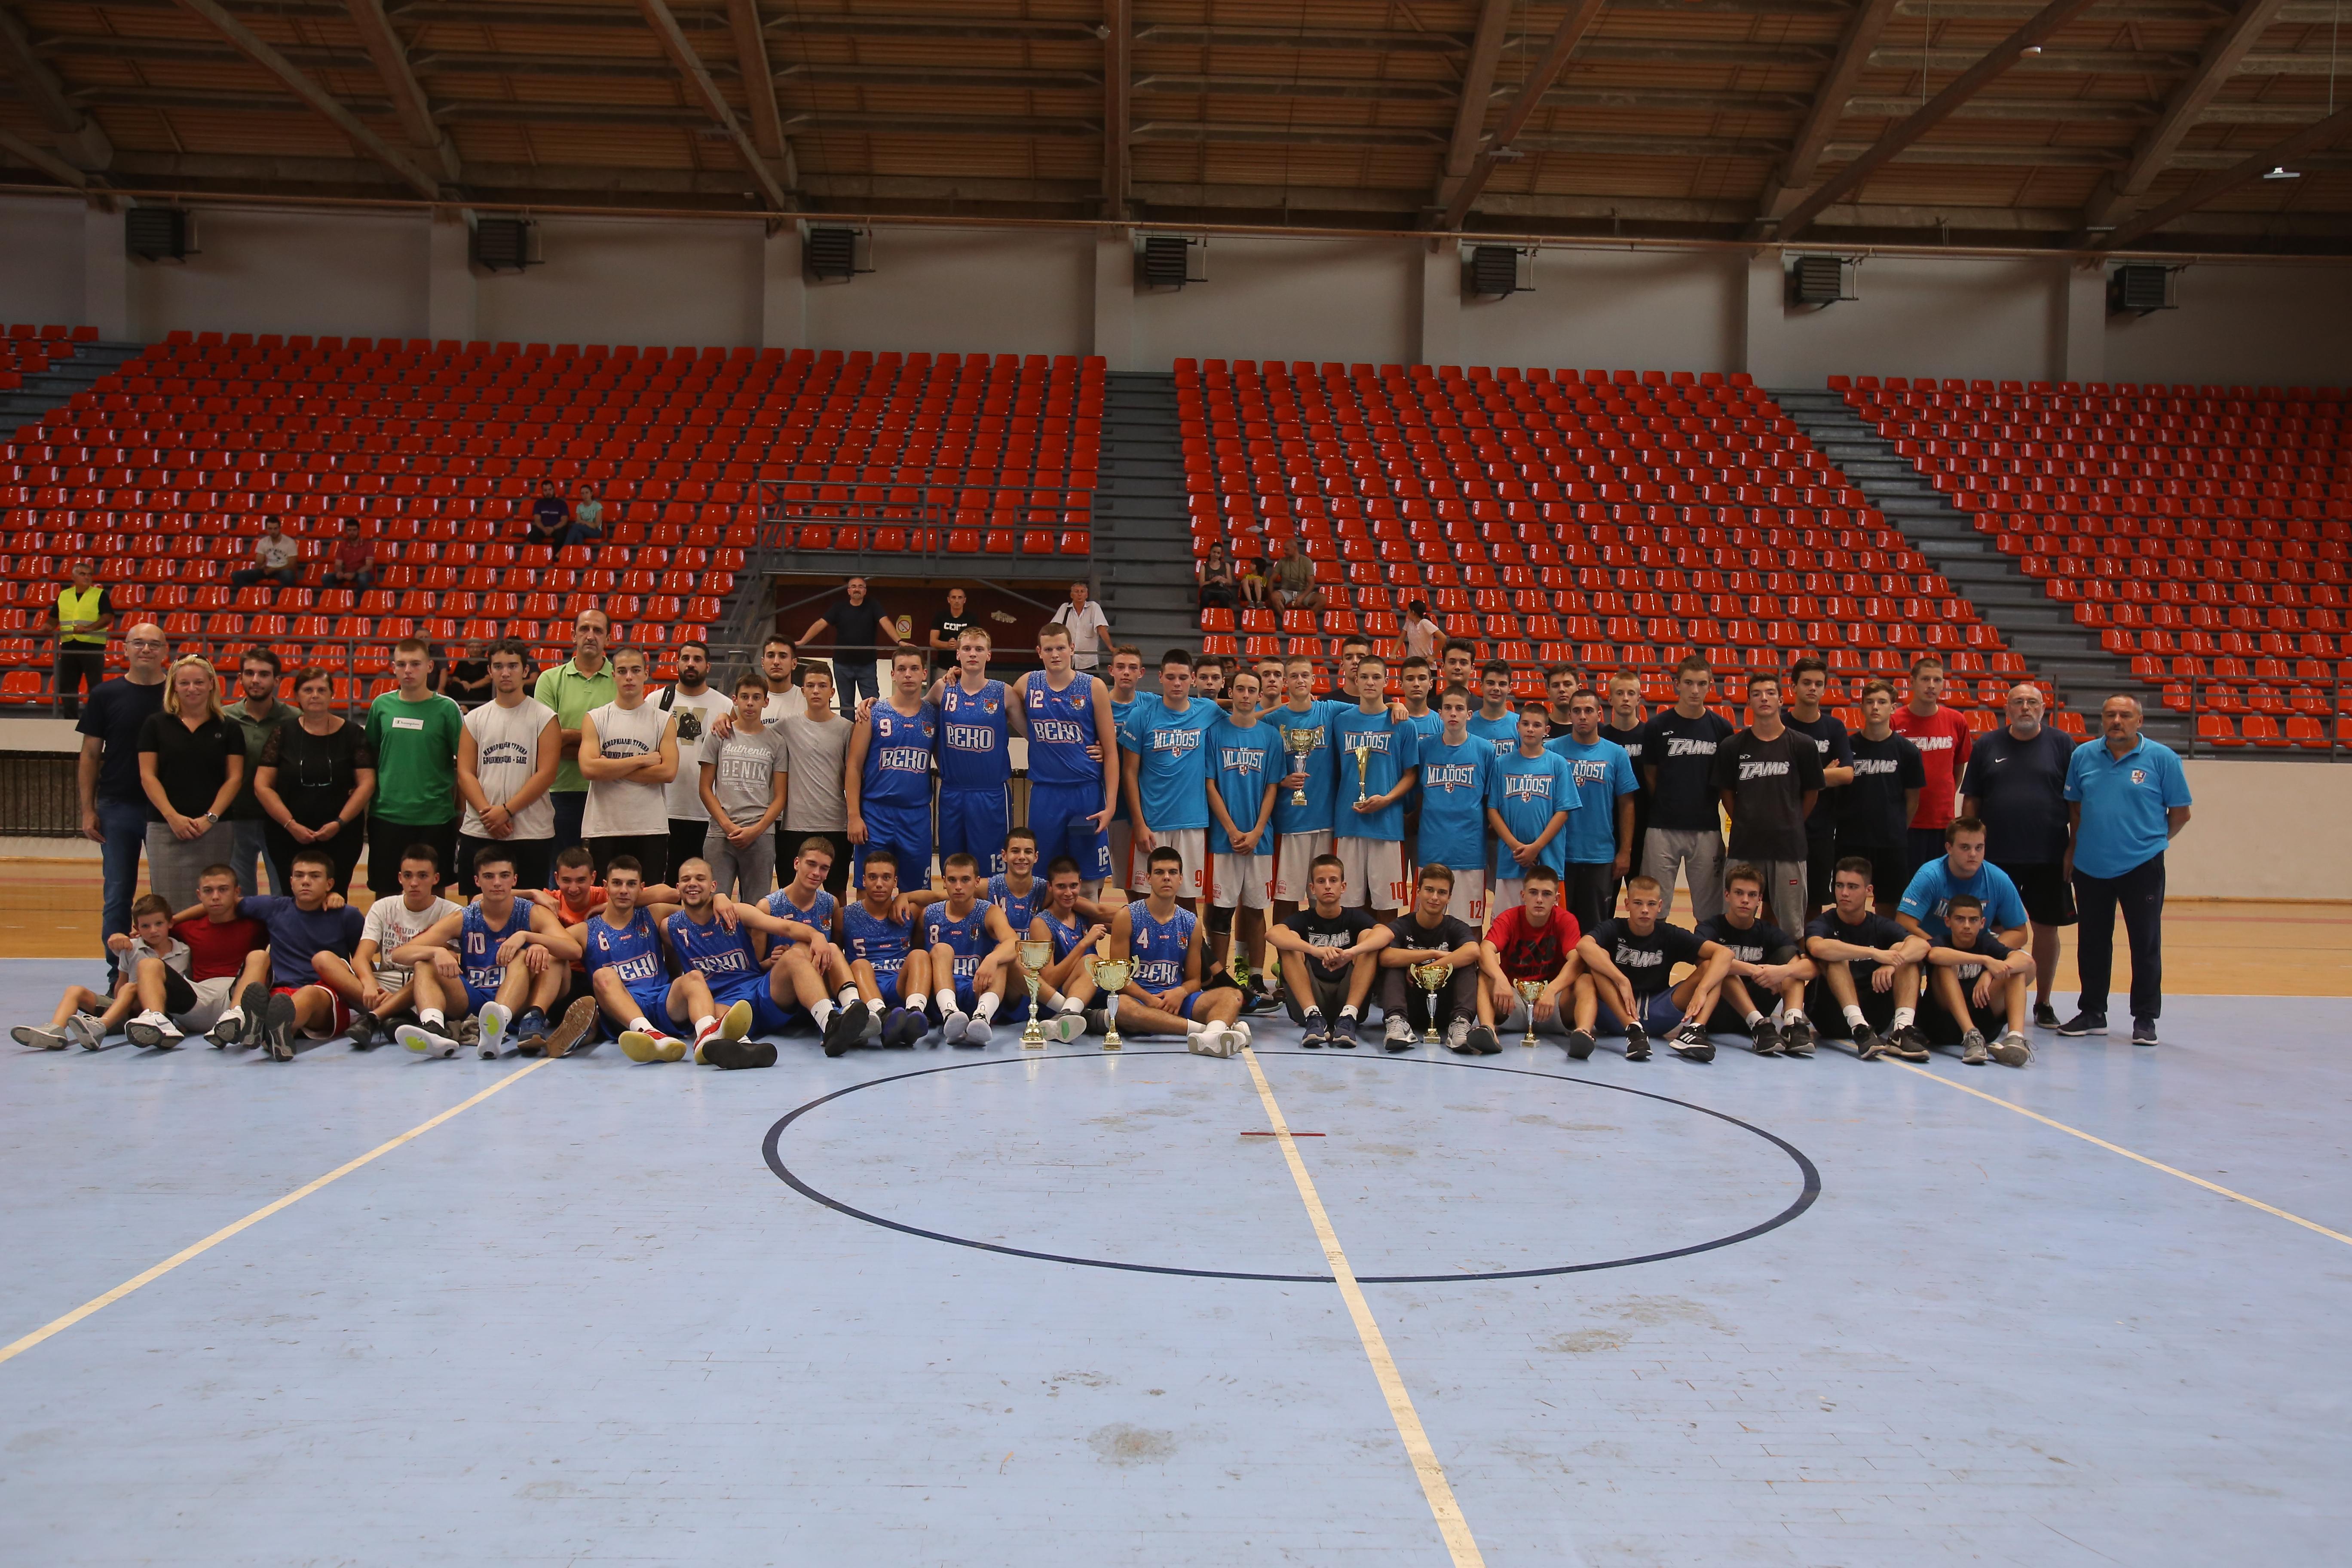 IV Memorijalni  košarkaški turnir Branimir Jocić- Bane: Pobednik turnira ekipa Beko (Beograd) 23108